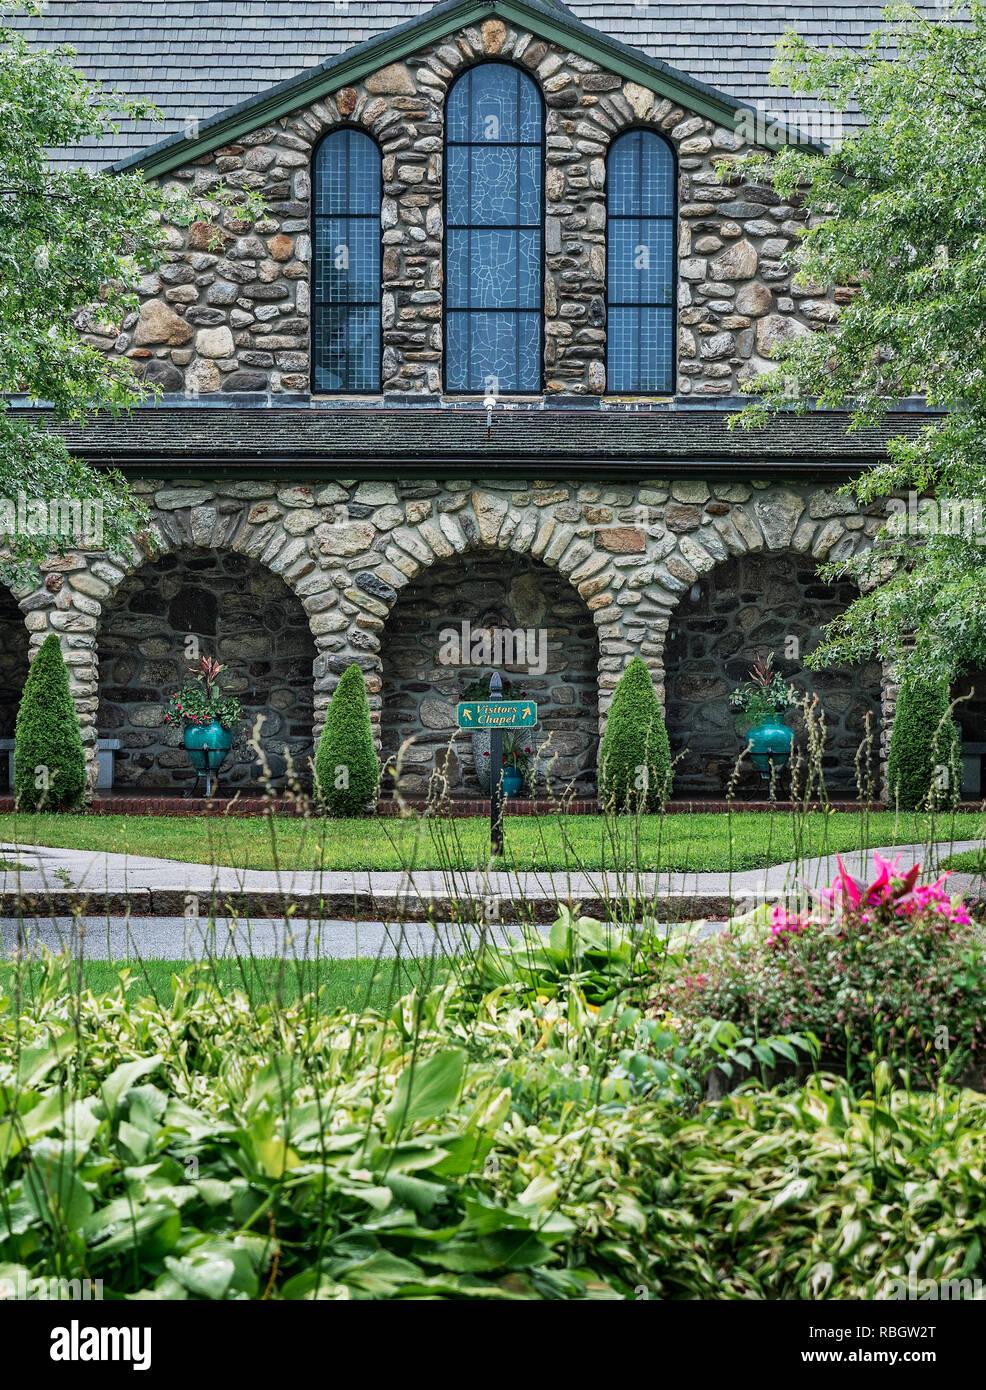 St Josephs Cistercian Abbey church, Spencer, Massachusetts, USA. - Stock Image